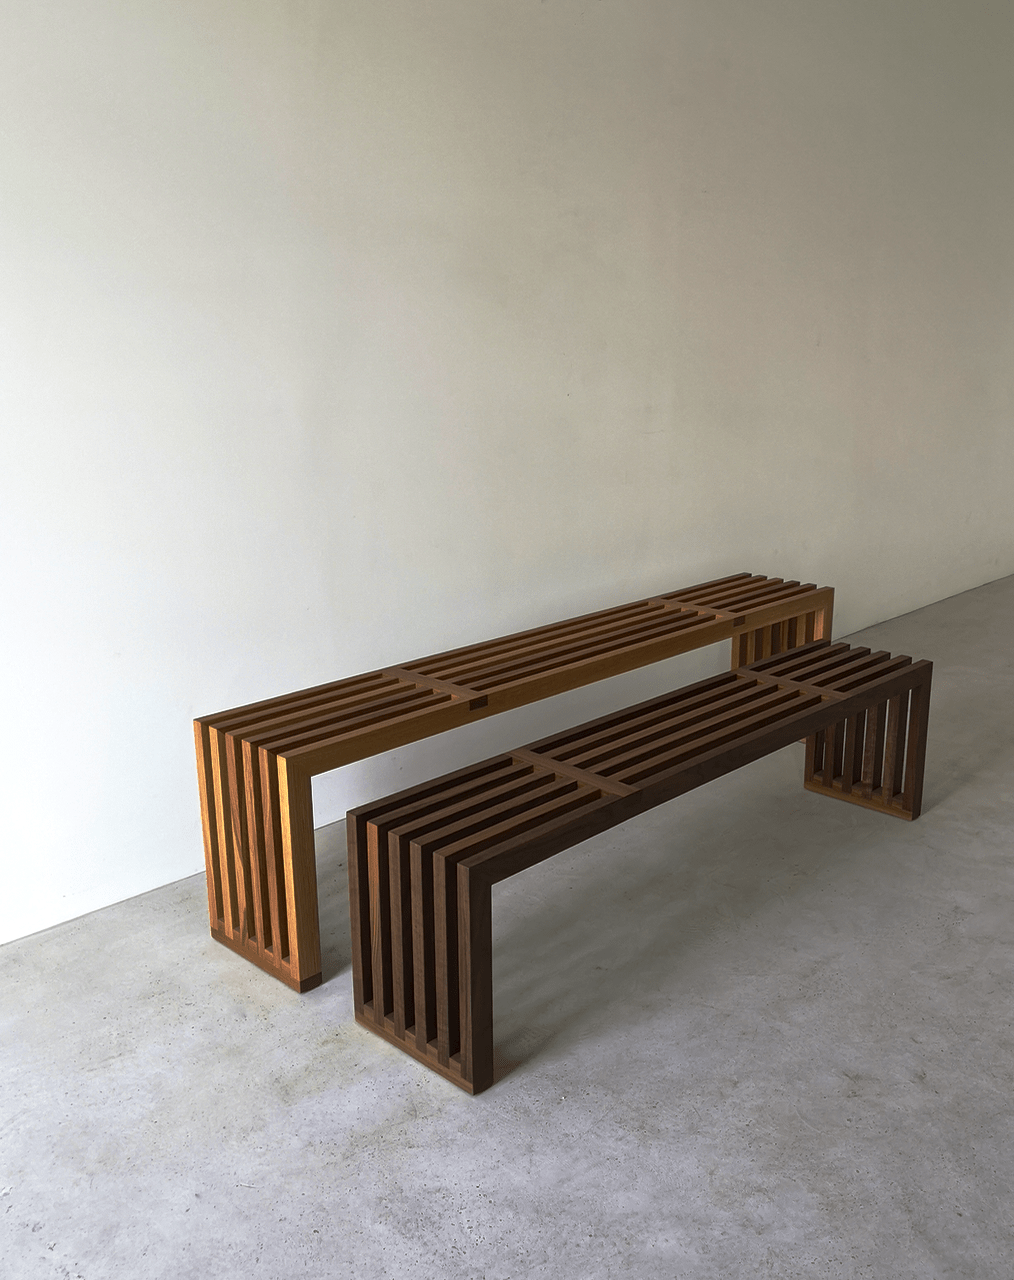 Hypnotizm-Bench